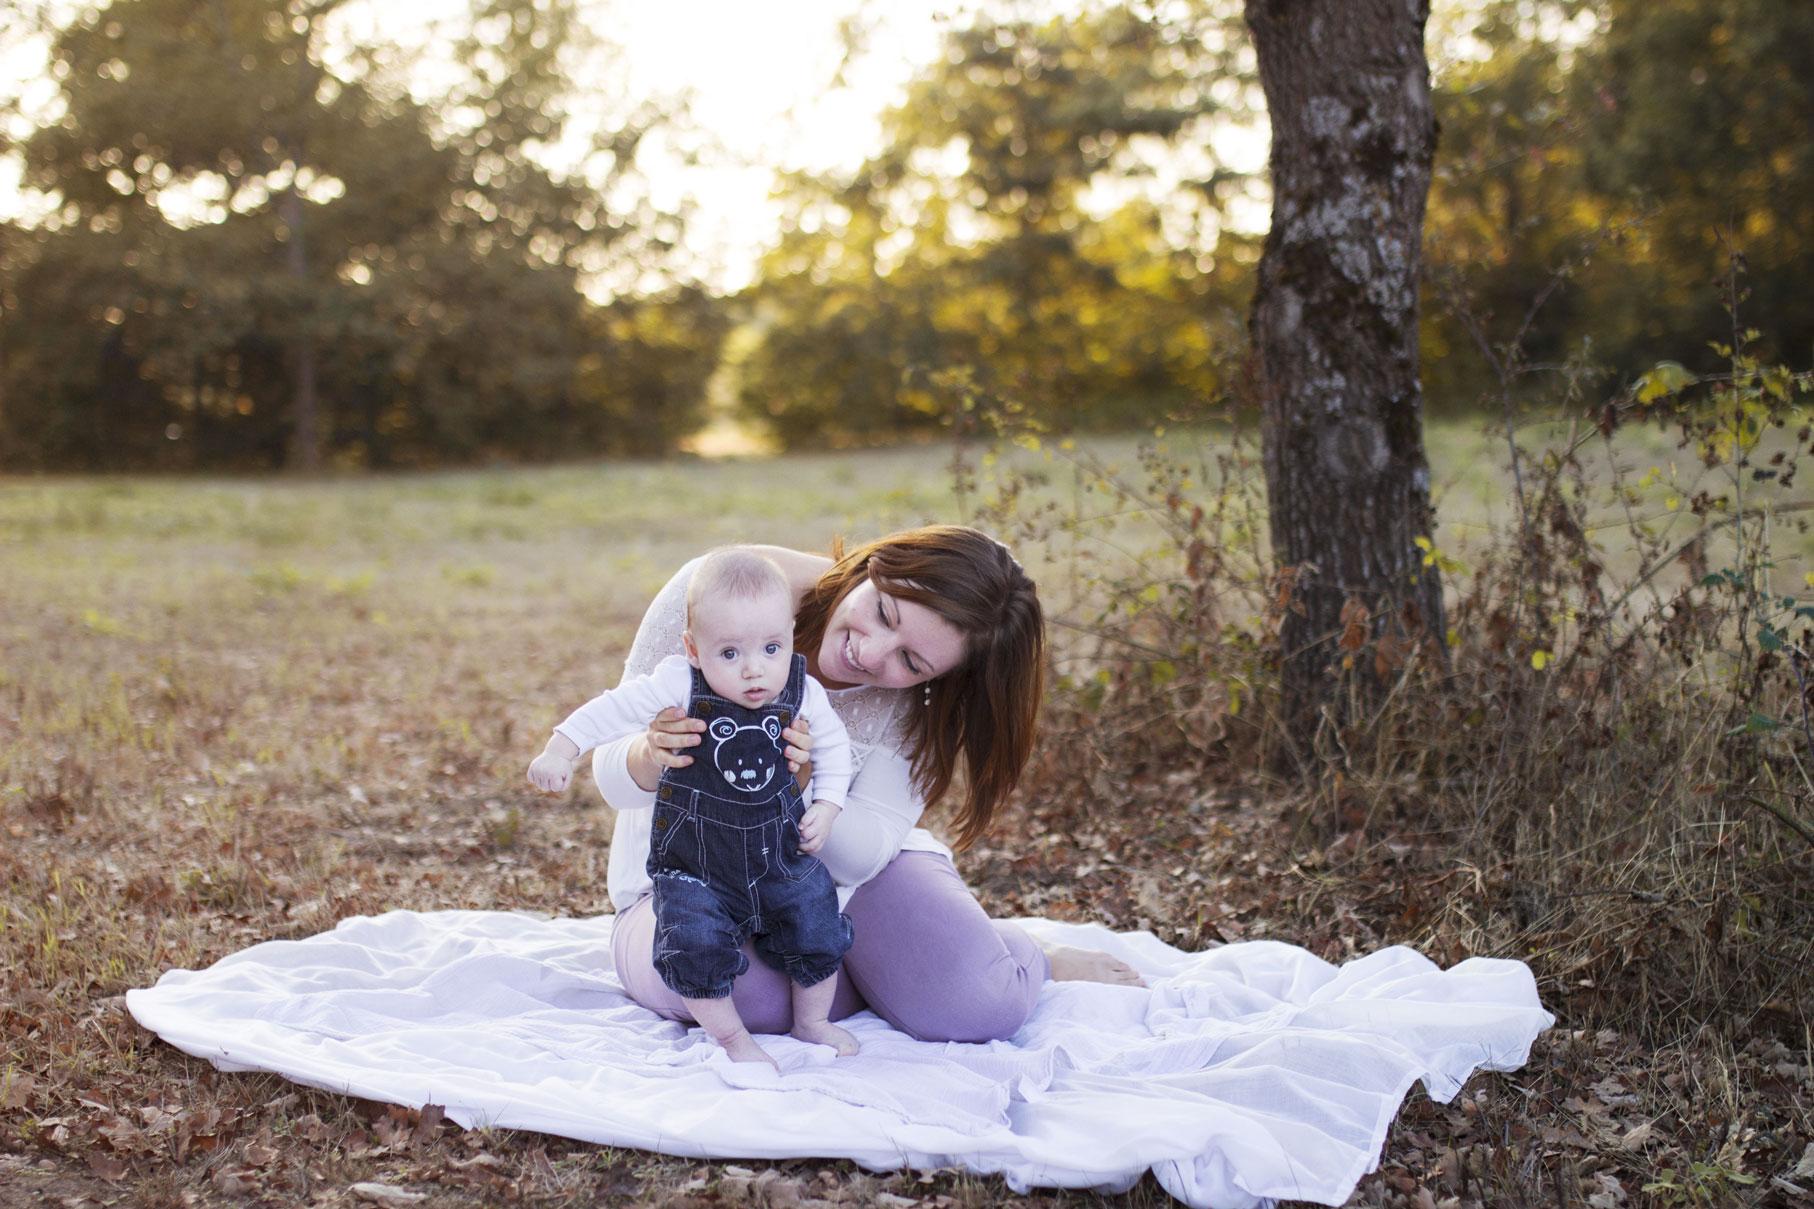 Cyrielle et son bébé Joshua au pied d'un arbre sur un drap blanc